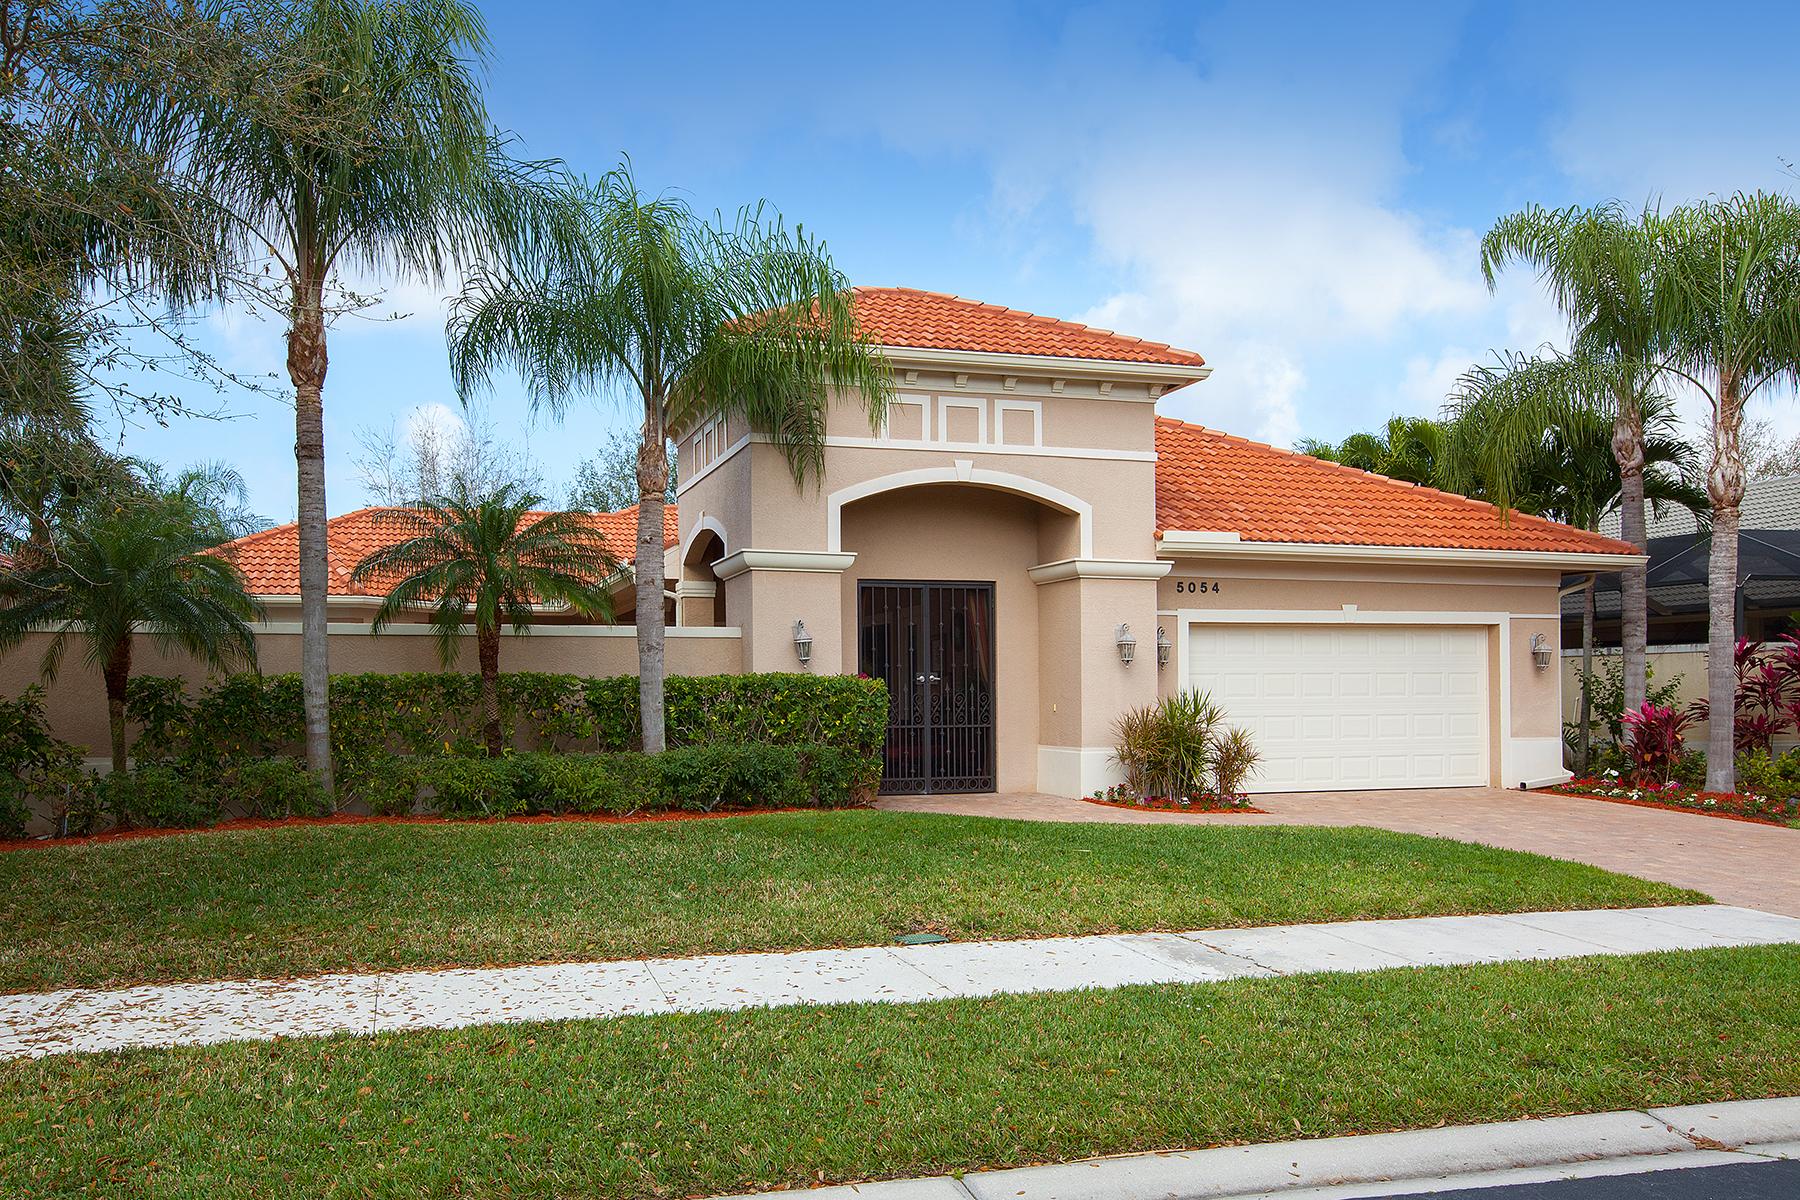 단독 가정 주택 용 매매 에 BANYAN WOODS 5054 Rustic Oaks Cir Naples, 플로리다, 34105 미국